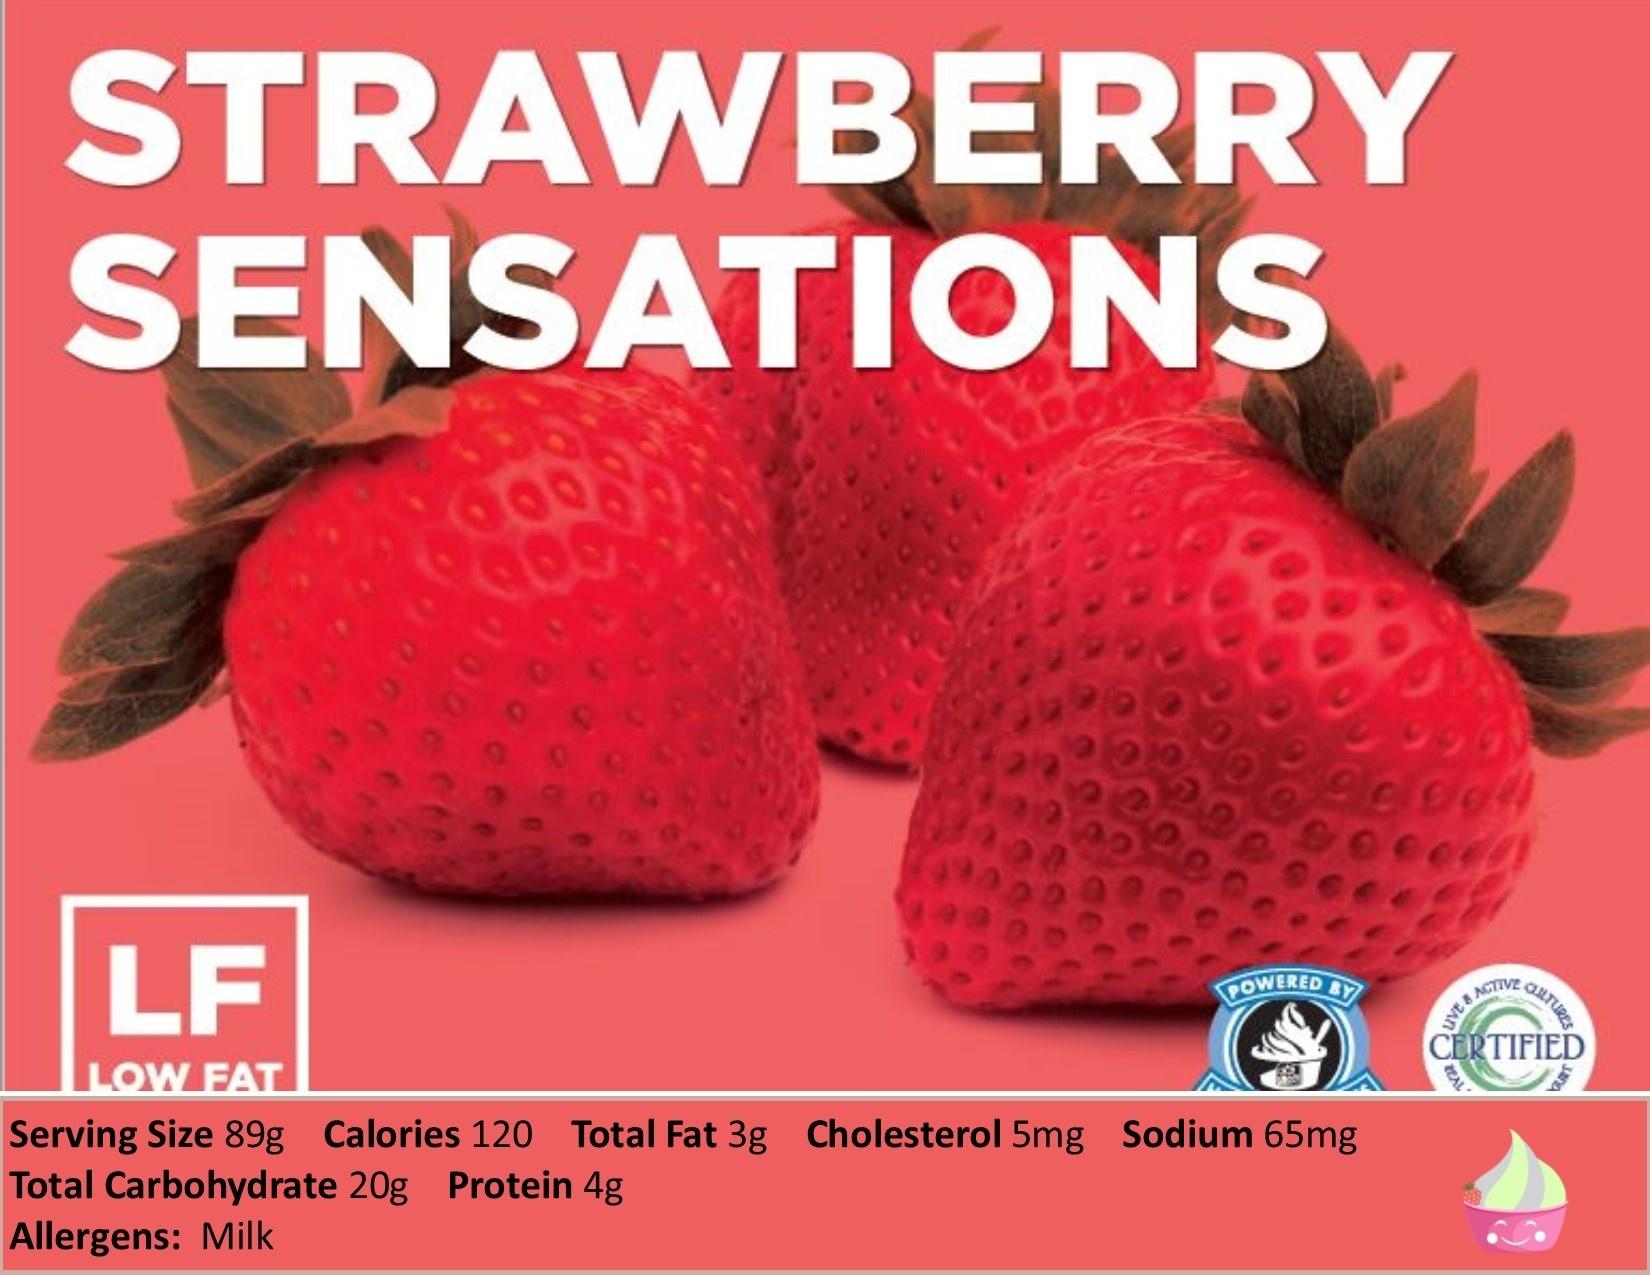 https://0201.nccdn.net/1_2/000/000/13e/a43/Strawberry-Sensation-LF-1650x1275-1650x1275.jpg